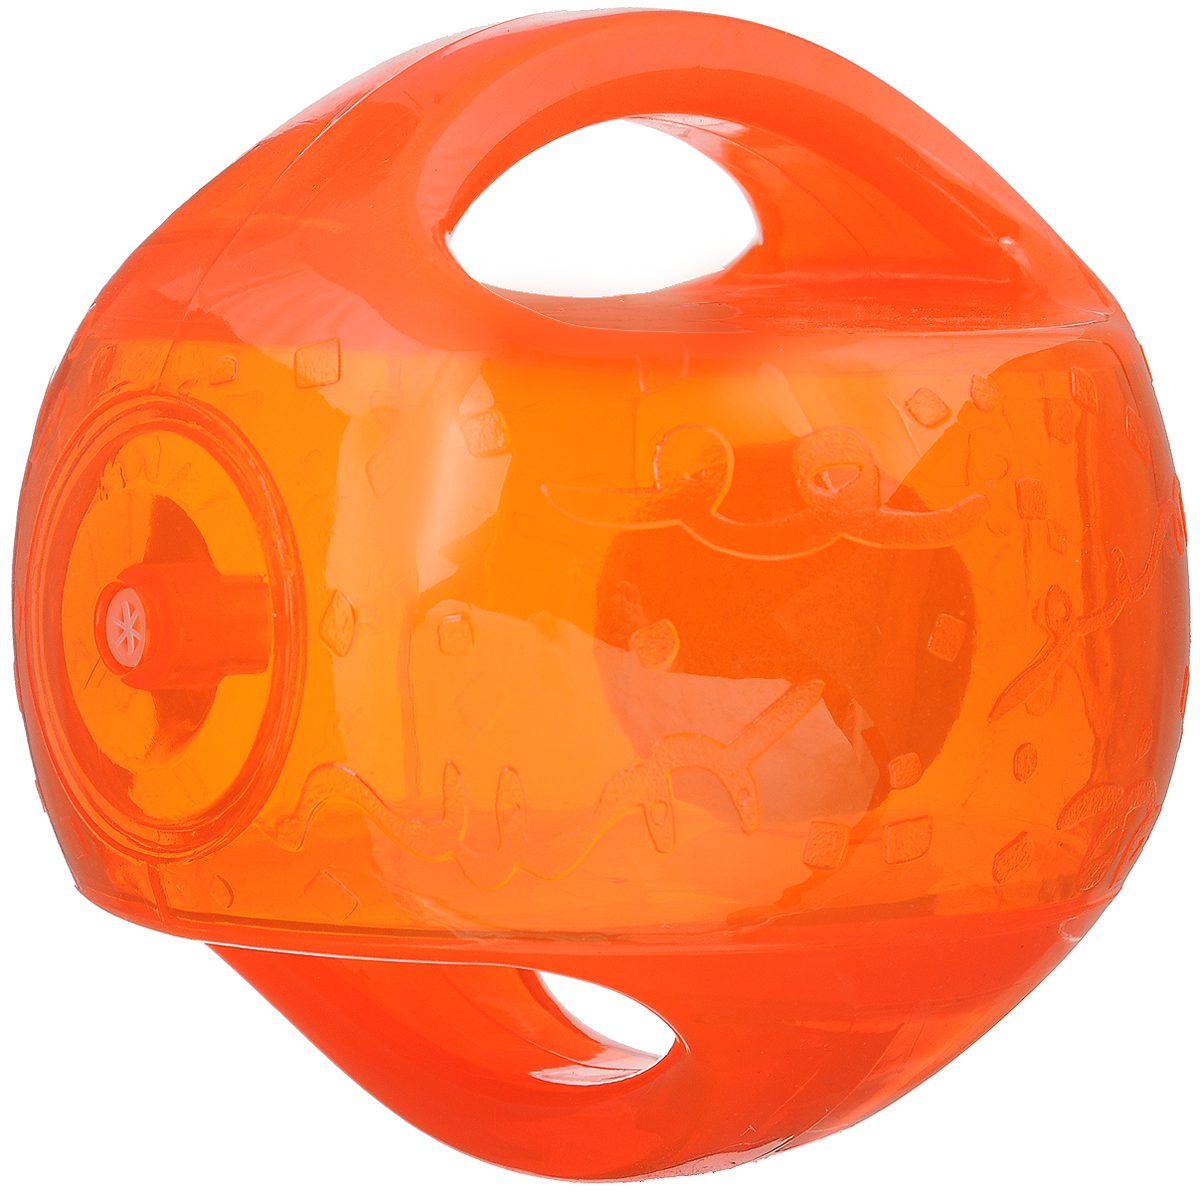 Игрушка для собак Kong Мячик, с пищалкой, цвет: оранжевый. 12 х 12 х 12 смTMB2E_прозрачный, оранжевыйИгрушка для собак Kong Мячик, выполненная извысококачественного каучука, представляет собой мяч 2 в 1.Теннисный мяч, расположенный внутри, гремит и будетпривлекать внимание вашего питомца, побуждая достать его.Просто потрясите игрушку. Удобные ручки служат дляподнятия. Также изделие оснащено пищалкой.С такой игрушкой вы сможете играть в захватывающие иактивные игры с вашей собакой. Она прекрасно подходит дляживотных среднего и крупного размера, с сильными челюстямии для использования в качестве дрессировочного предмета.